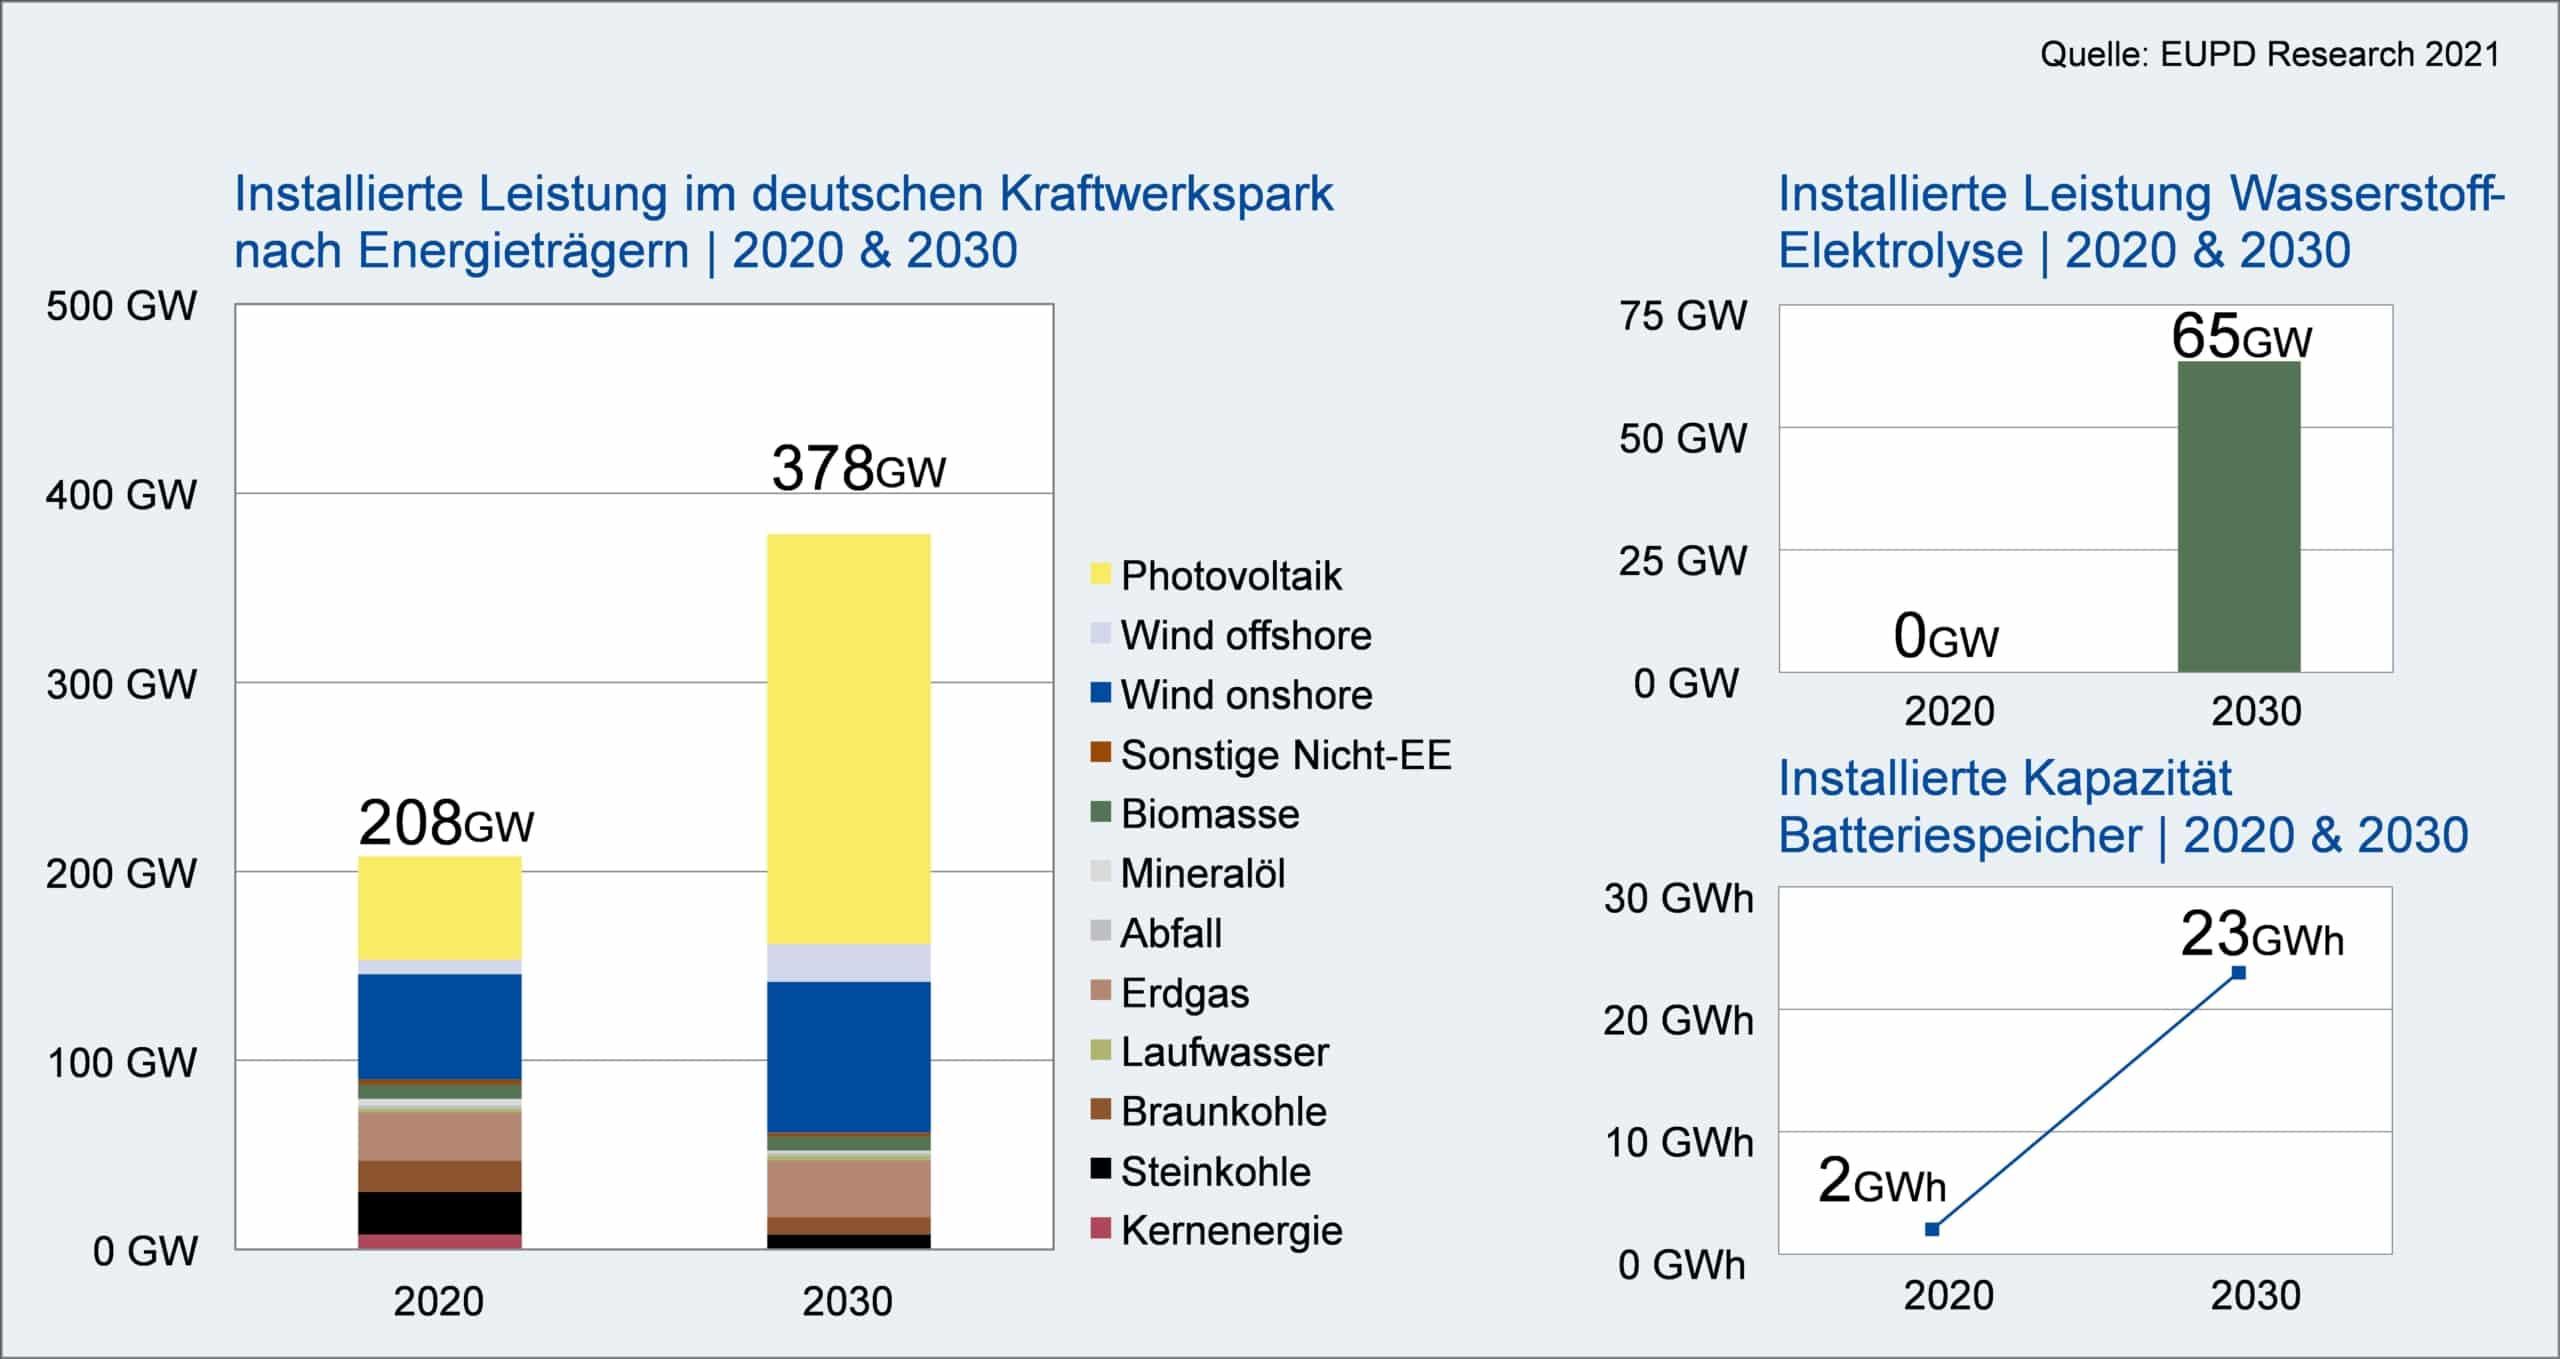 Installierte Leistung nach Energieträgern